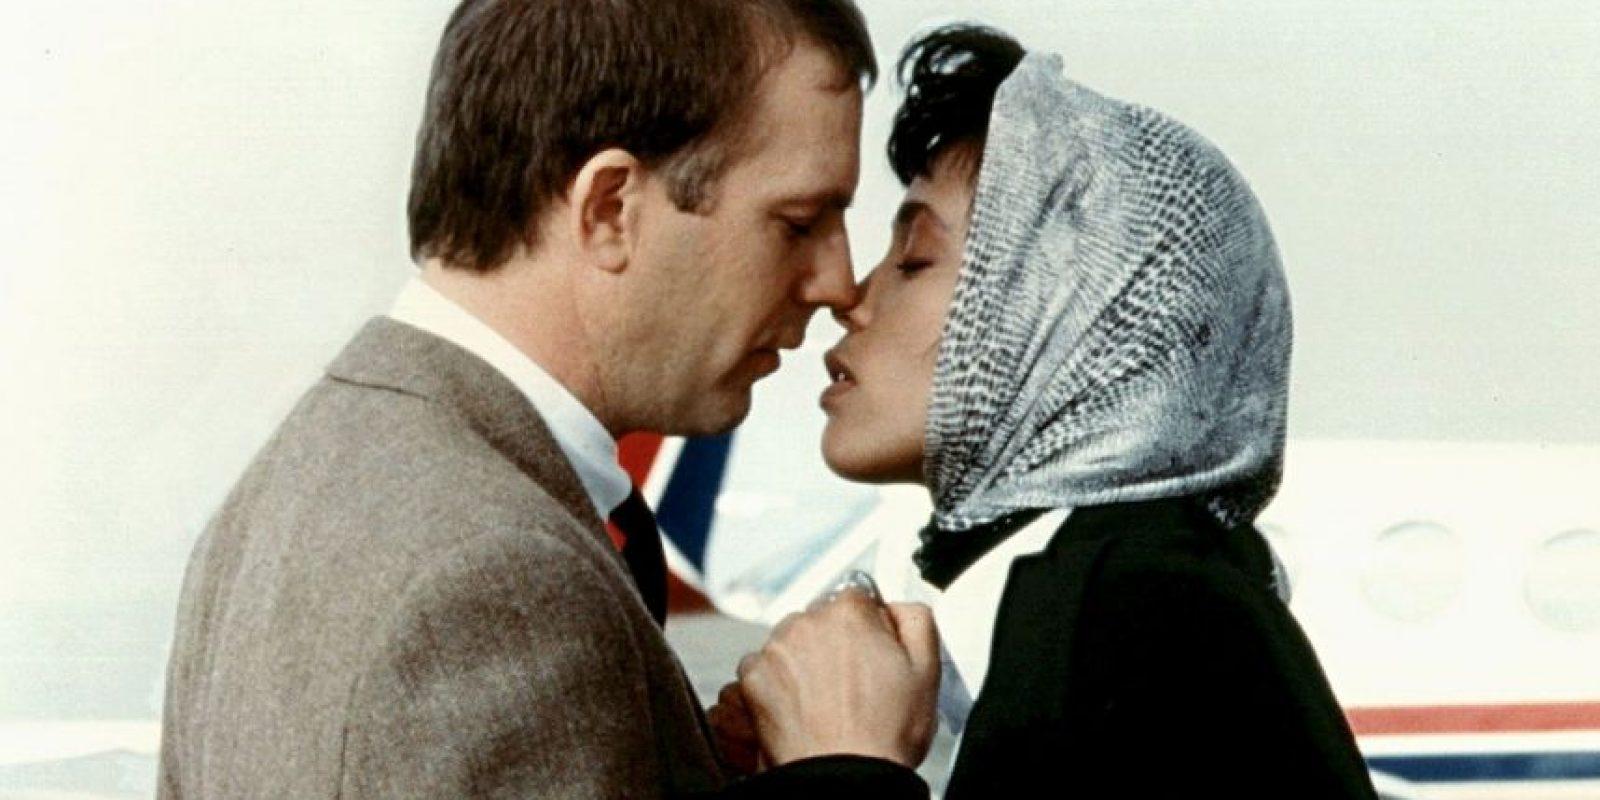 Su compañero sería Steve McQueen, pero aún en los años 70 era mal visto mostrar relaciones interraciales en el cine. Foto:Warner Bros